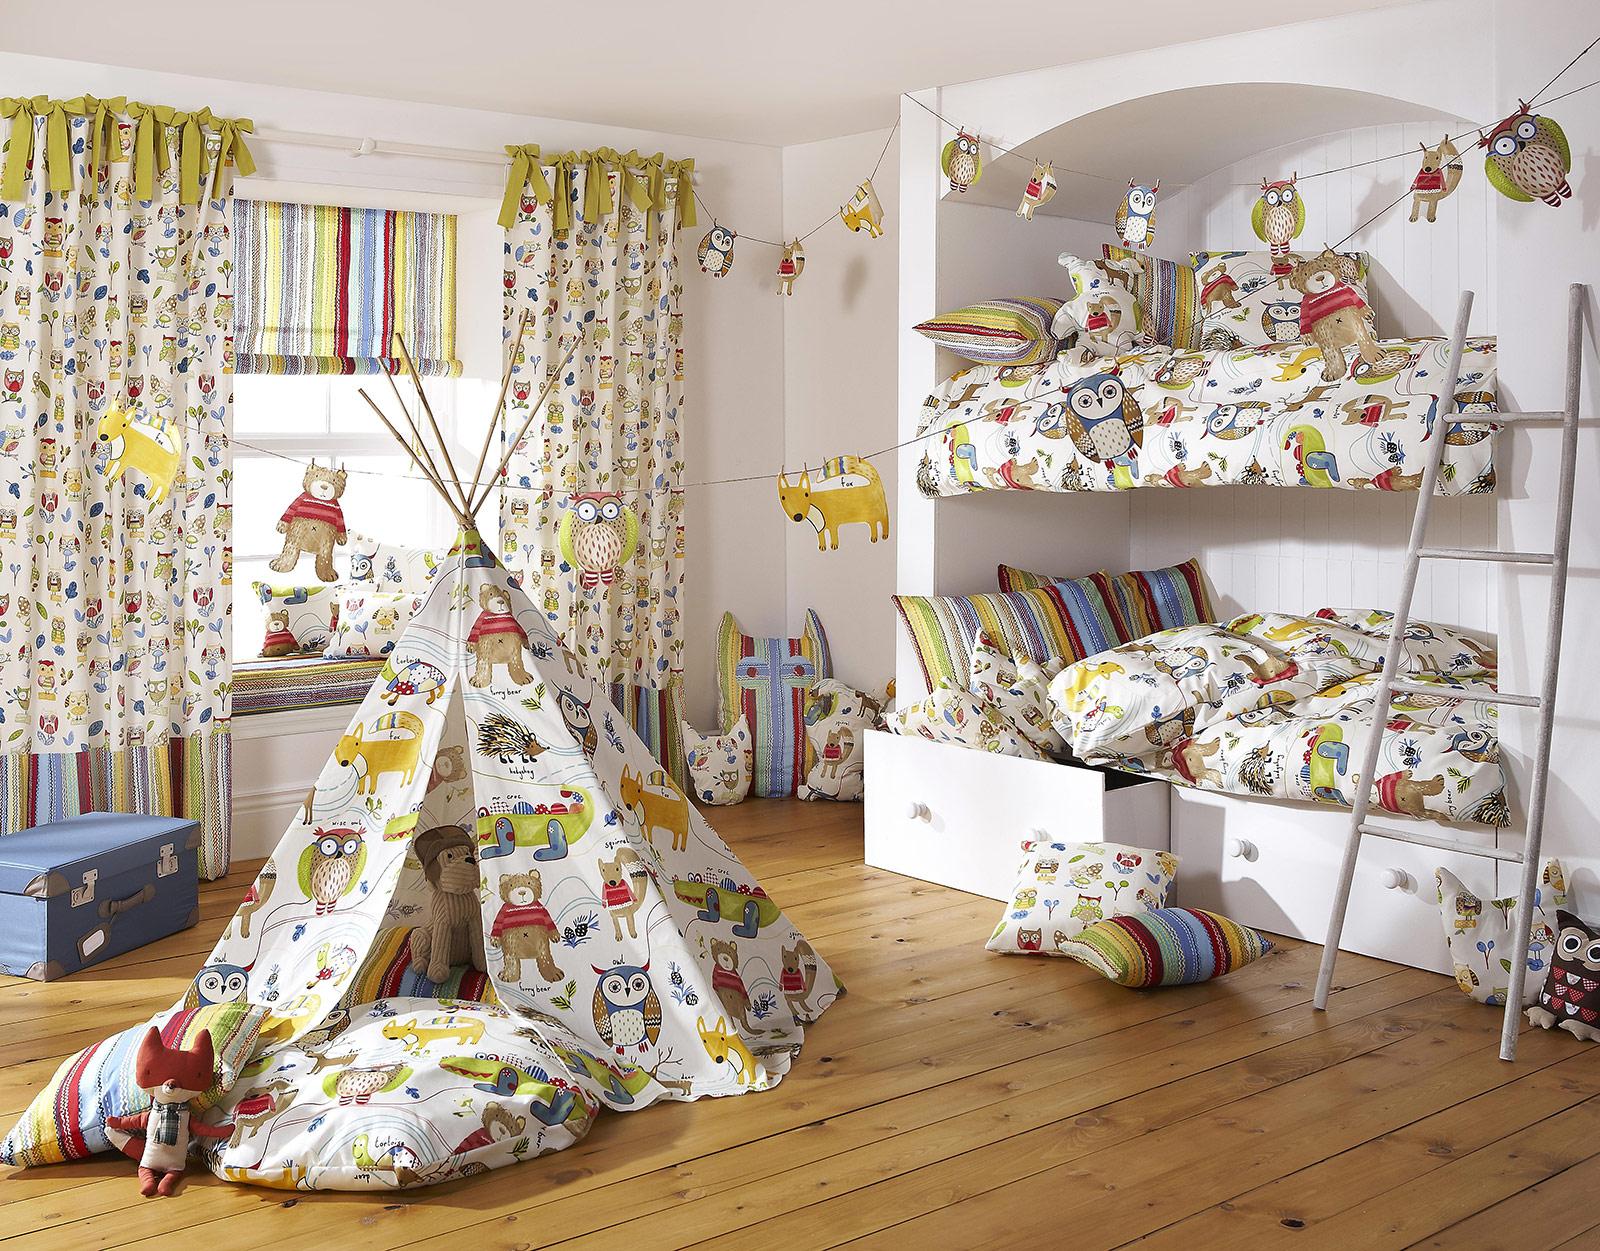 Full Size of Kinderzimmer Gardine Regal Weiß Gardinen Für Die Küche Regale Schlafzimmer Wohnzimmer Scheibengardinen Sofa Fenster Kinderzimmer Gardine Kinderzimmer